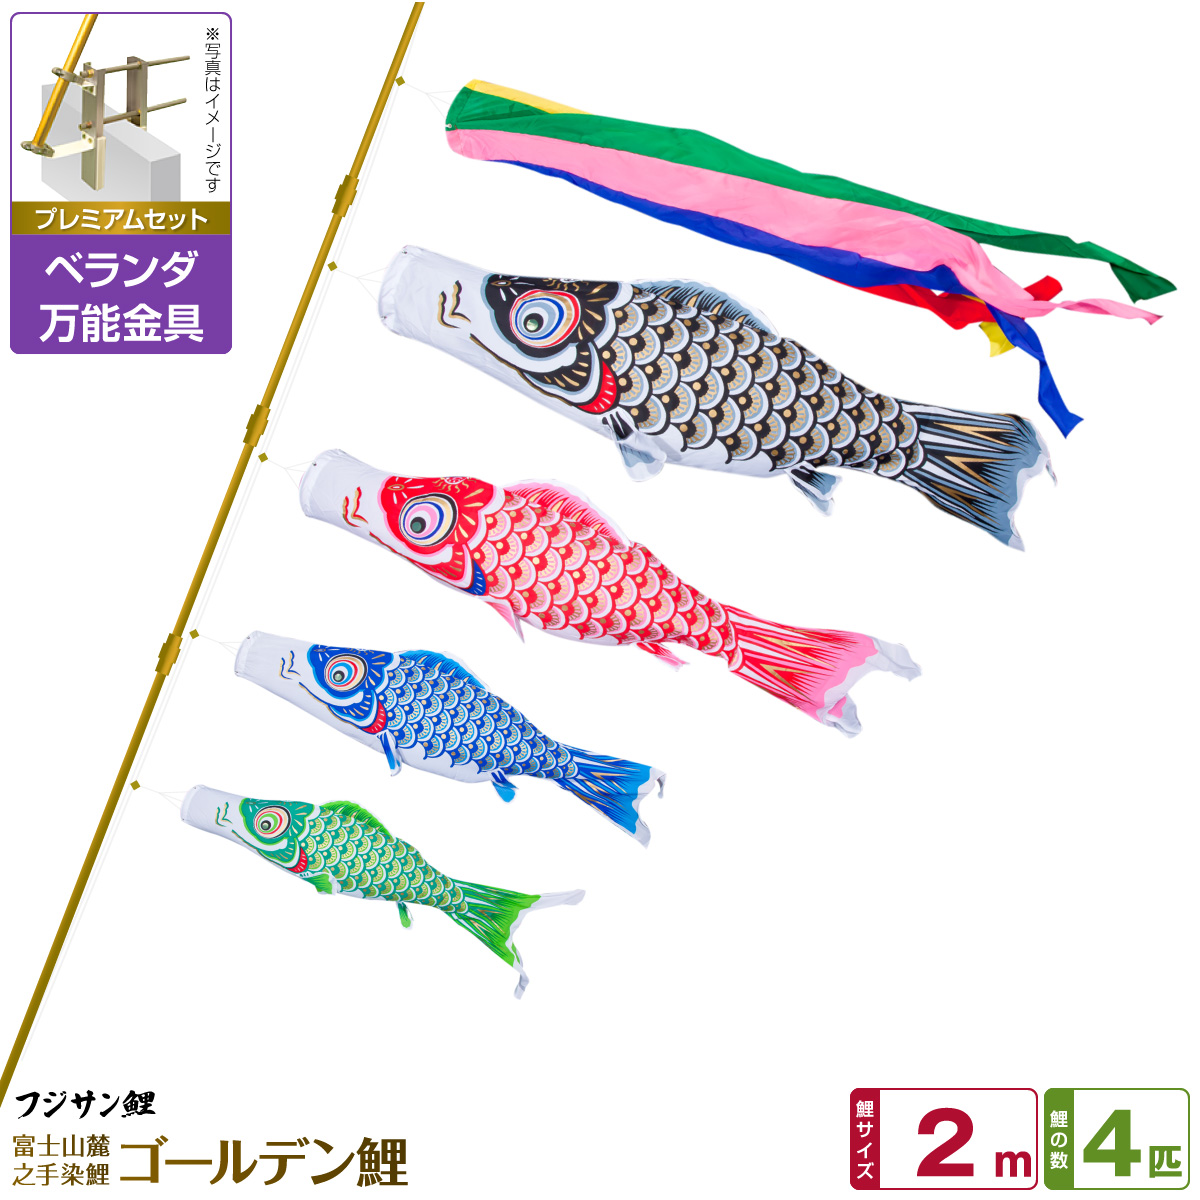 ベランダ用 こいのぼり 鯉のぼり フジサン鯉 ゴールデン鯉 2m 7点(吹流し+鯉4匹+矢車+ロープ)/プレミアムセット(万能取付金具)